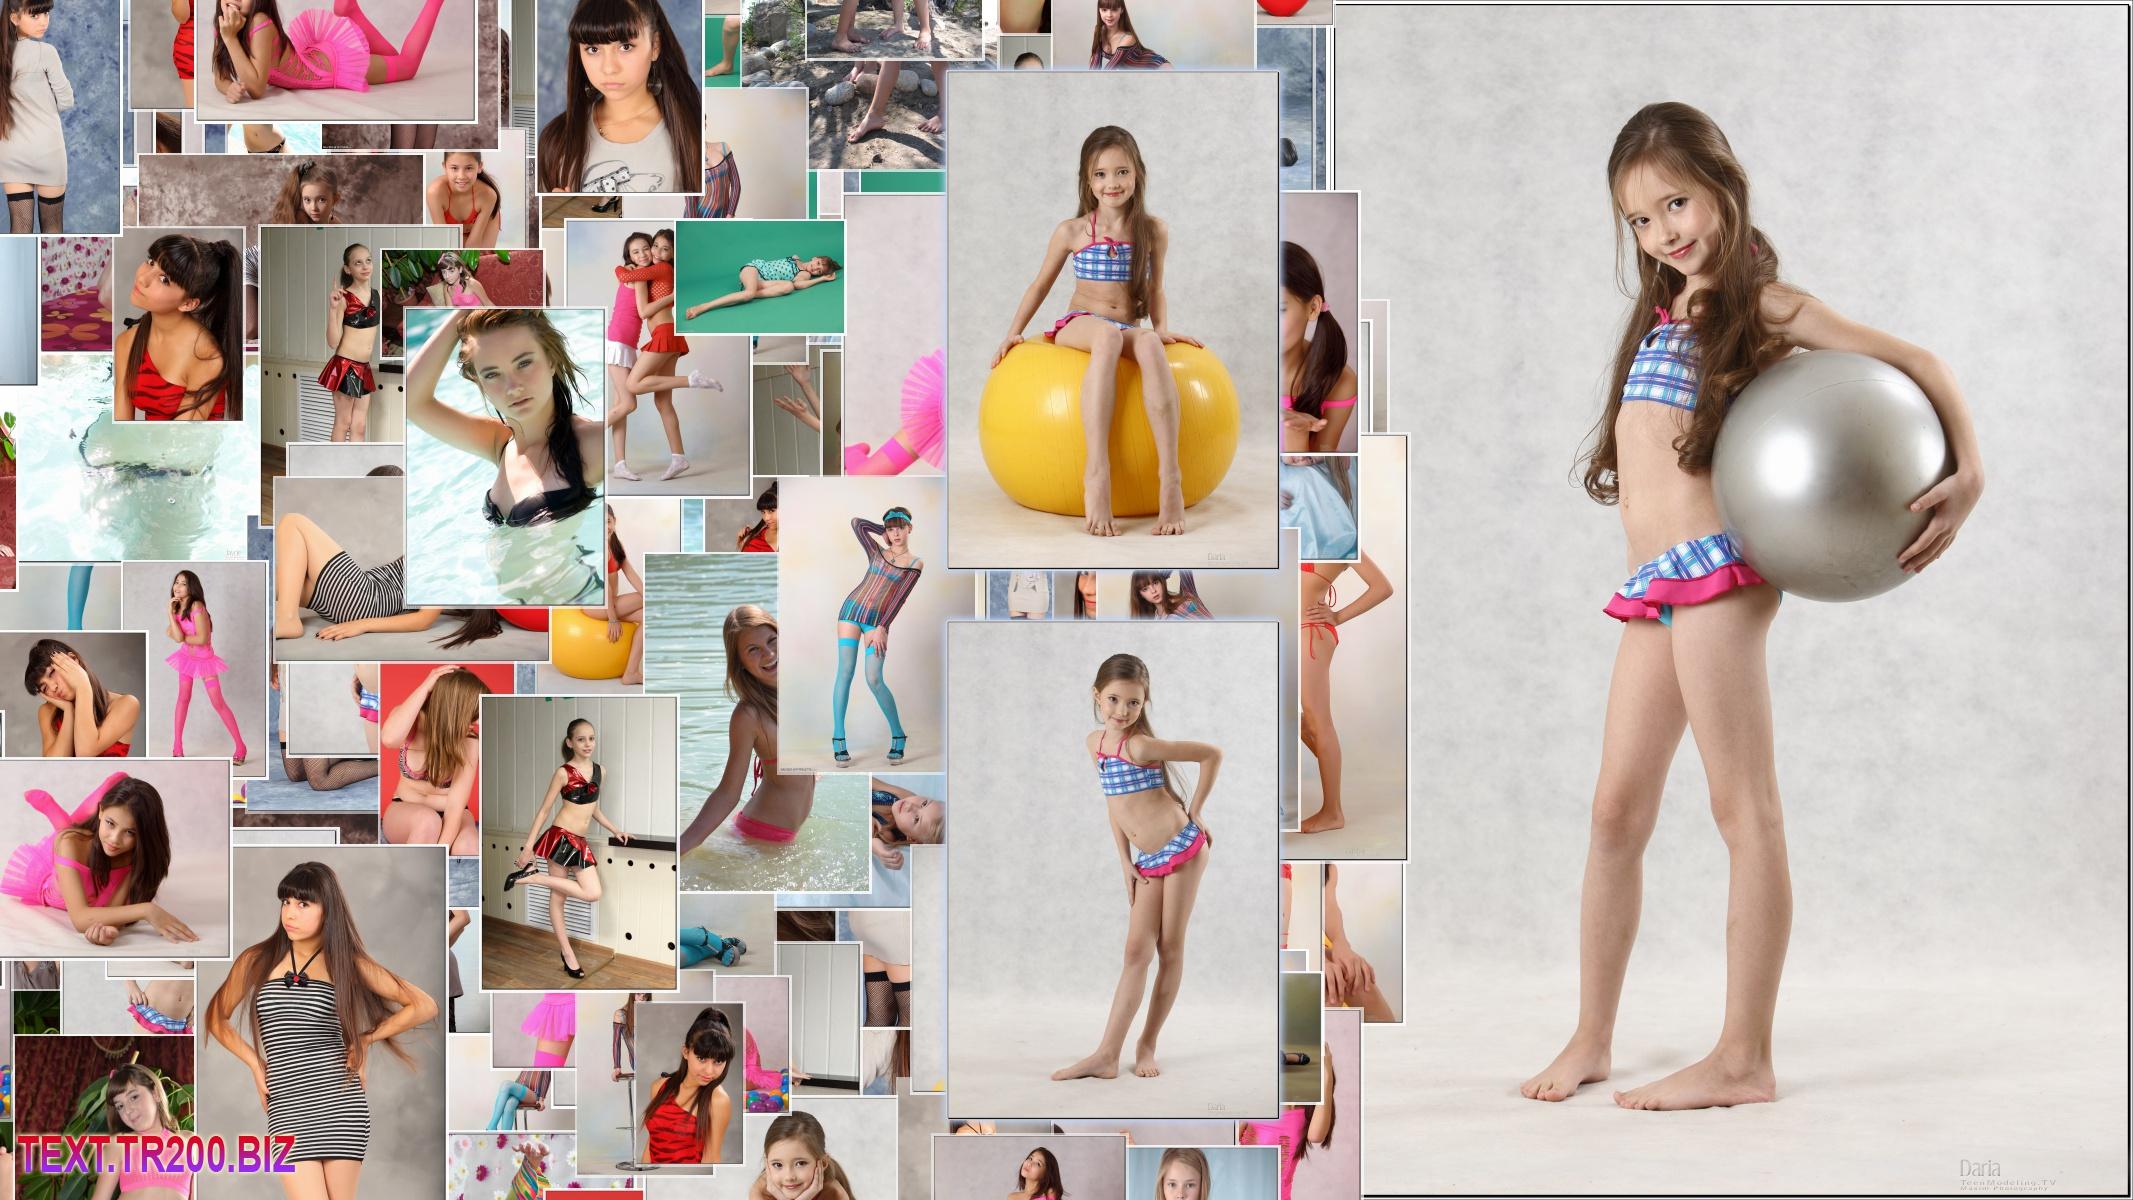 http://img-fotki.yandex.ru/get/6846/313766138.38/0_1a9786_e7e1ecb6_orig